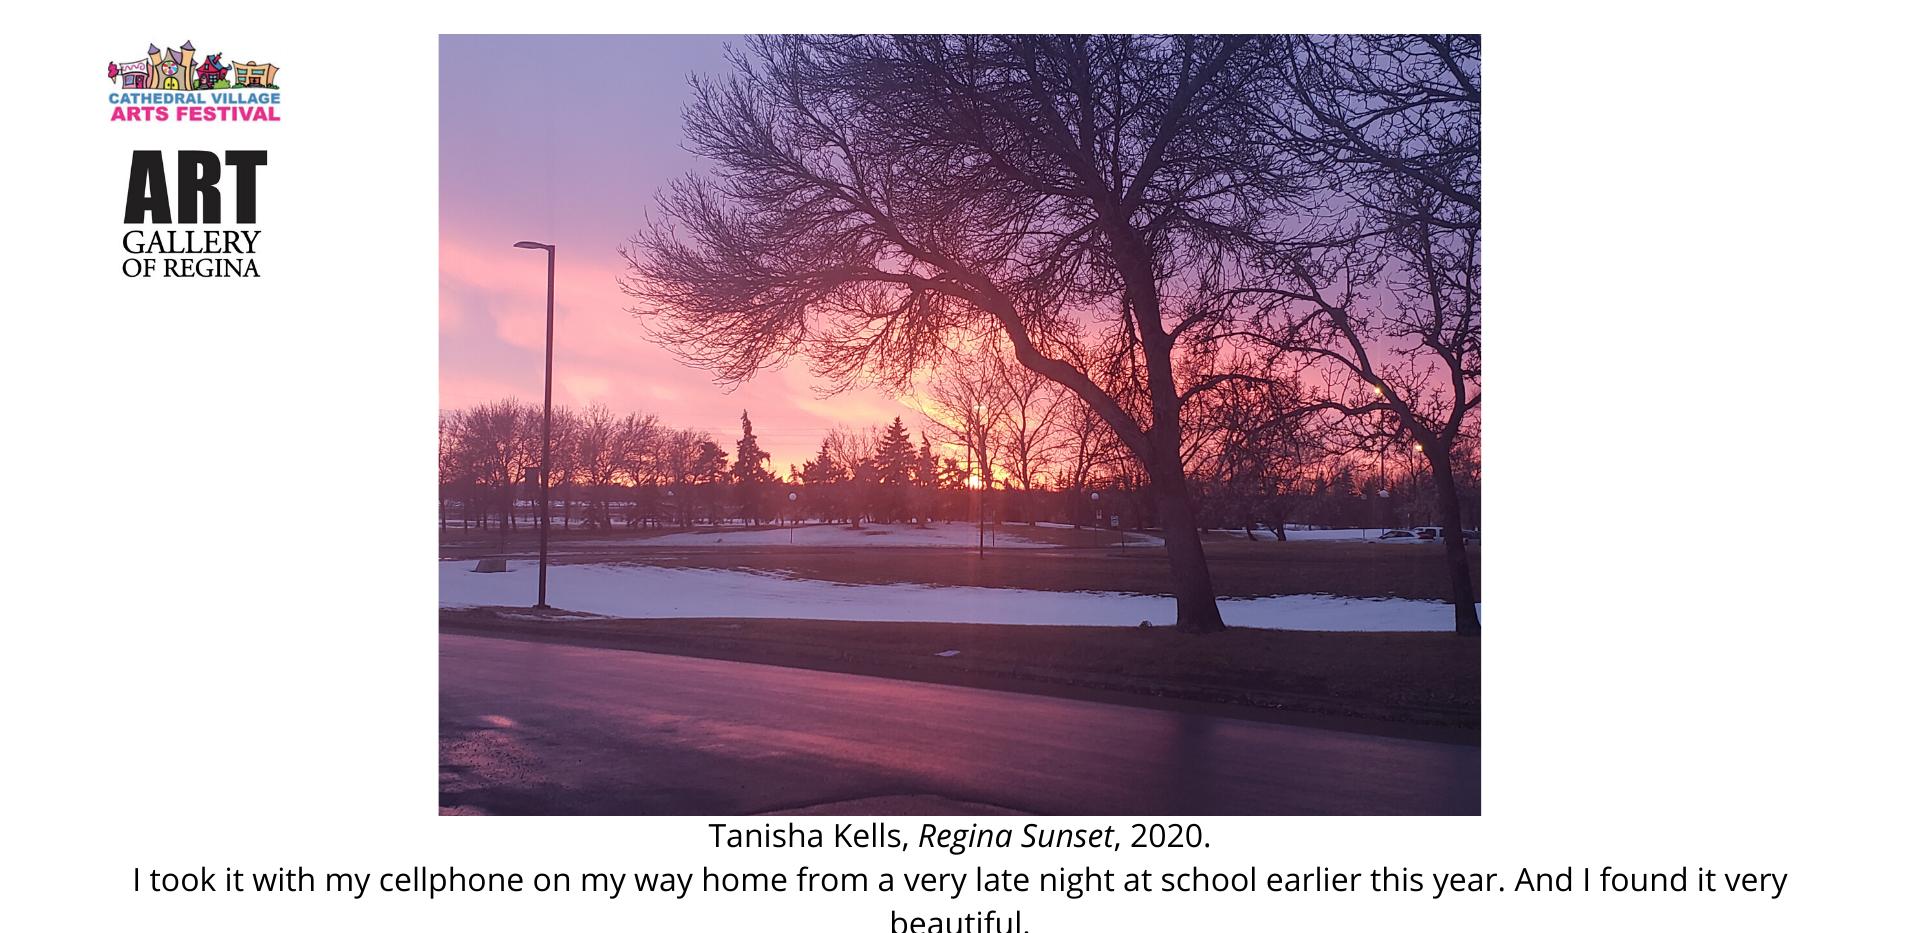 Tanisha Kells, Regina Sunset, 2020.